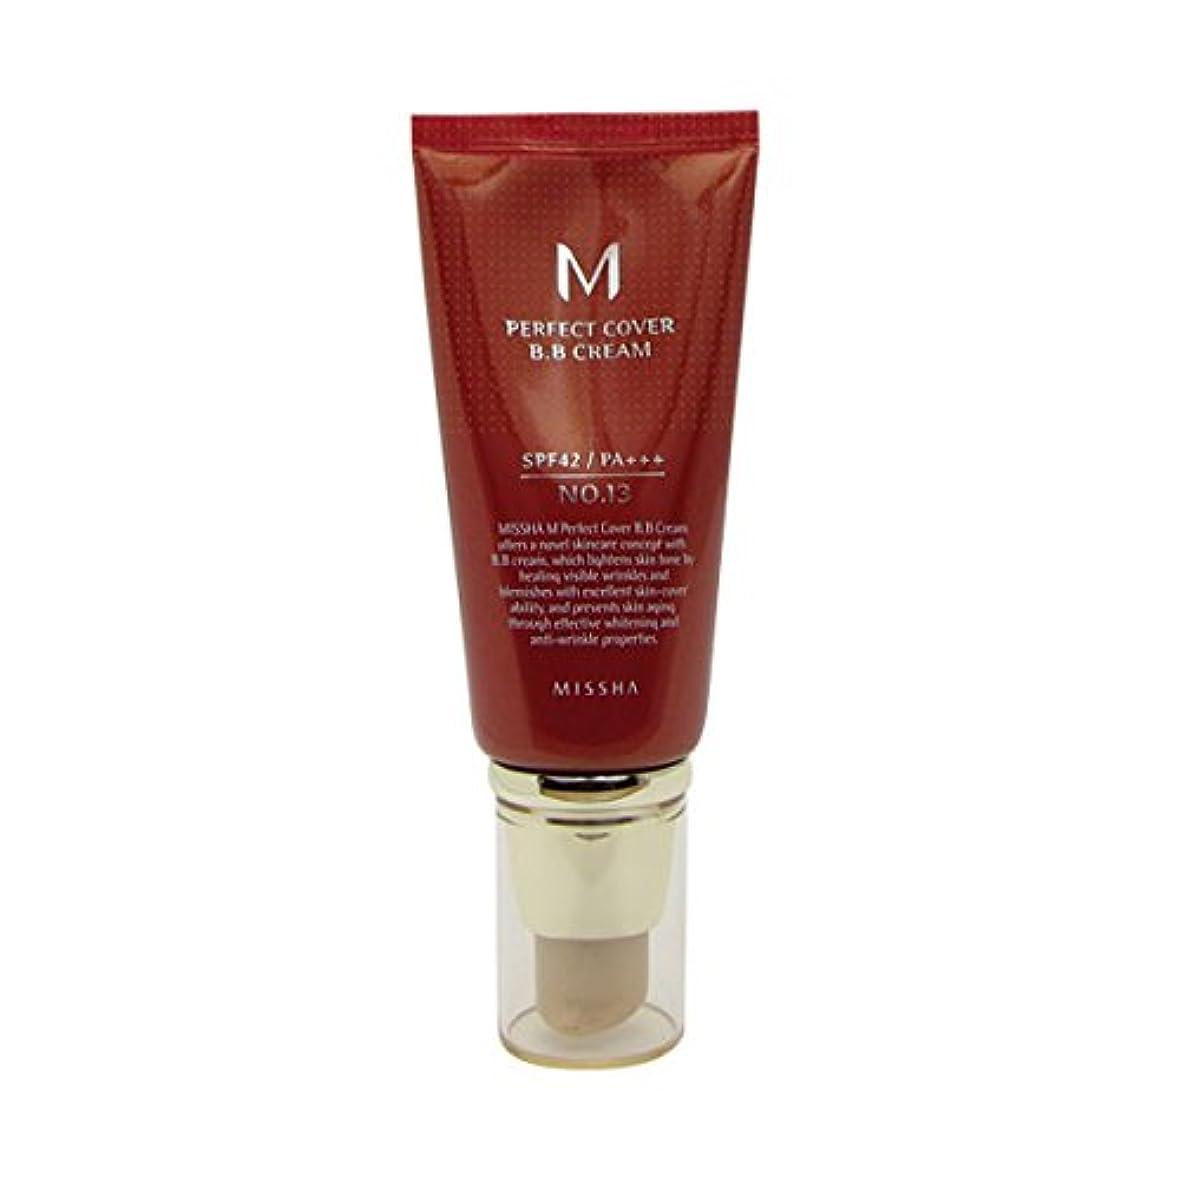 アスレチック余分な子供時代Missha M Perfect Cover Bb Cream Spf42/pa+++ No.13 Bright Beige 50ml [並行輸入品]